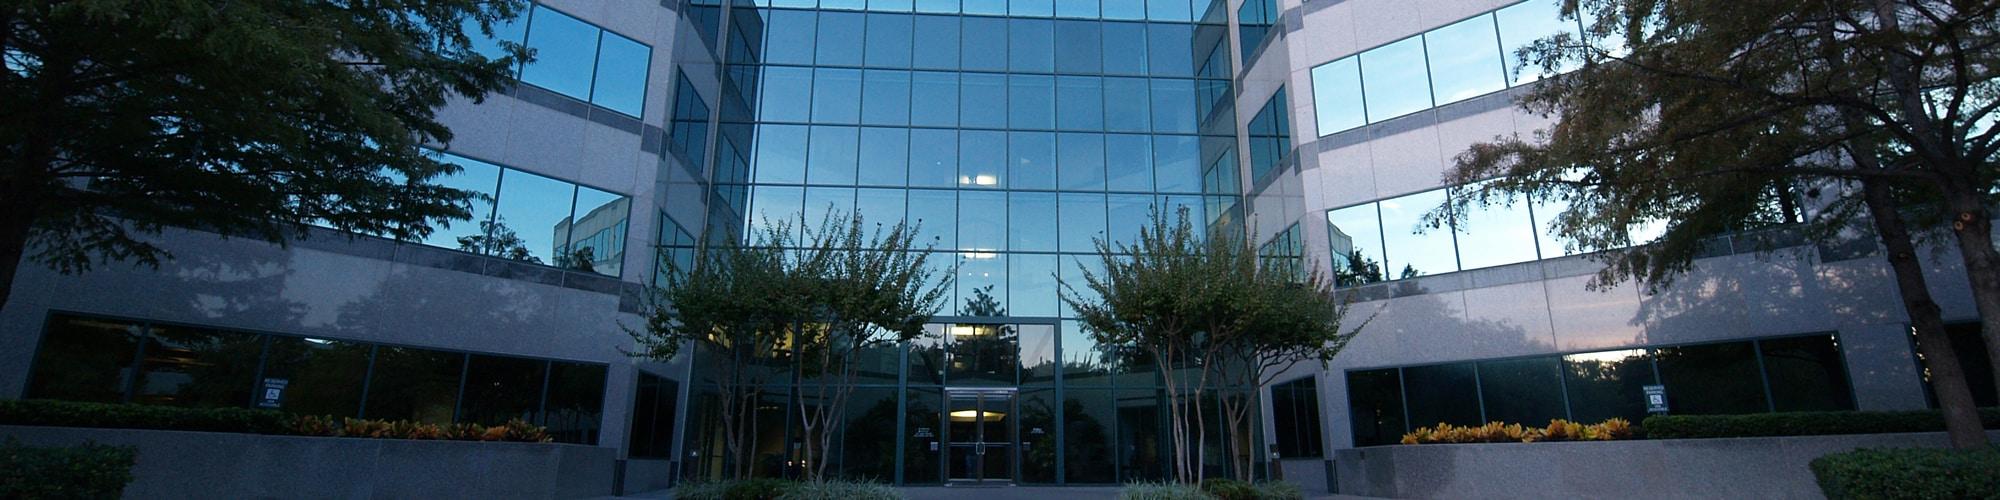 9500 Arboretum   9500 Arboretum Boulevard in Austin, Texas